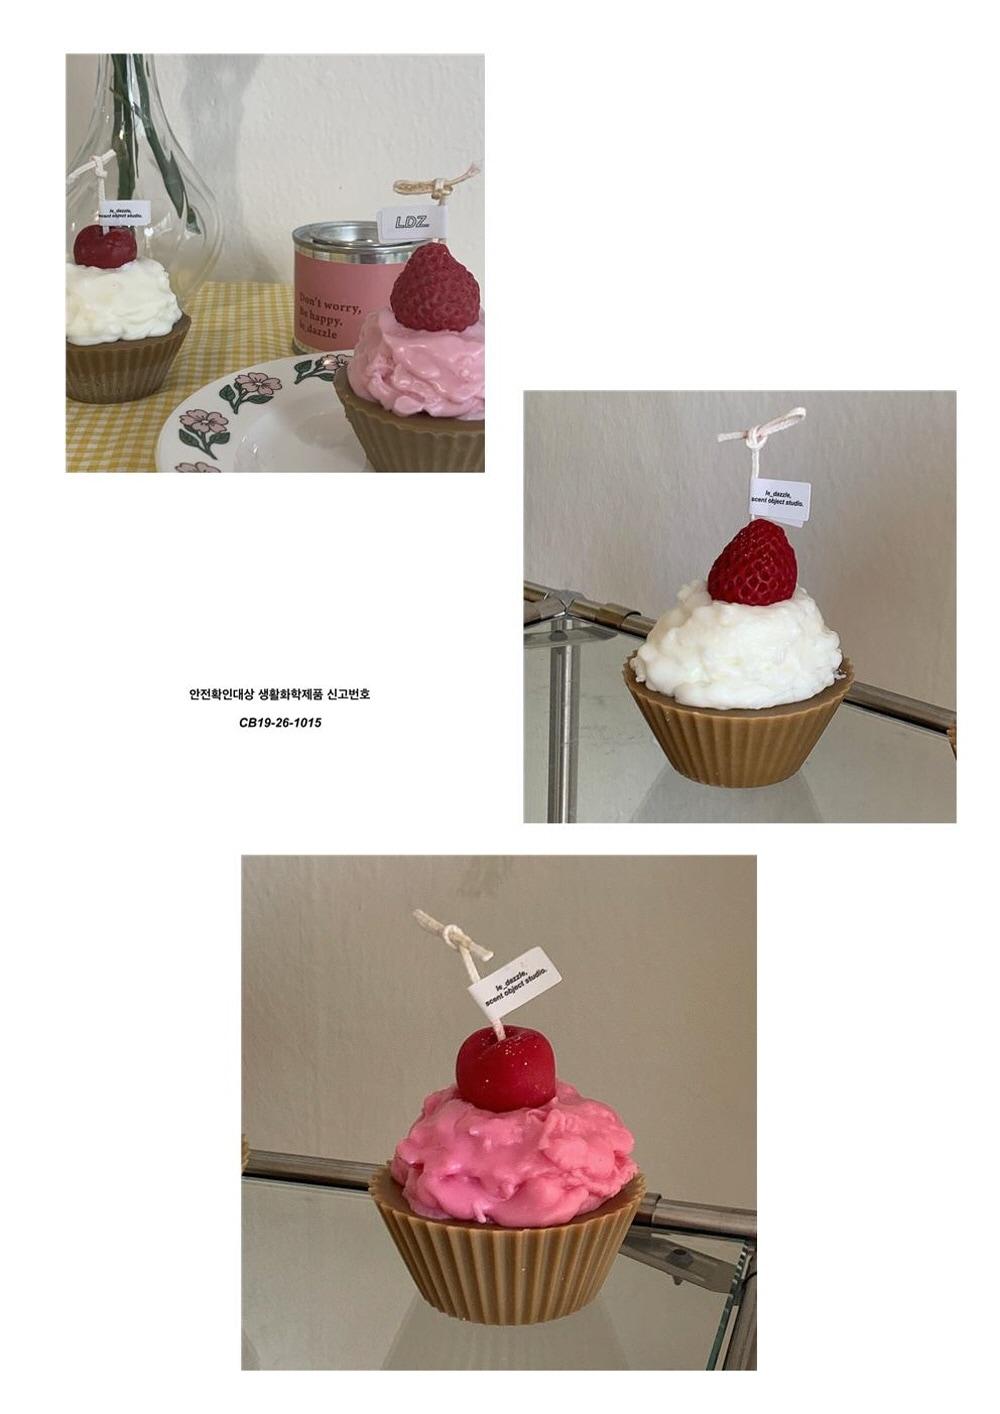 르다즐(LE_DAZZLE) 컵케이크 캔들 2color 4scent